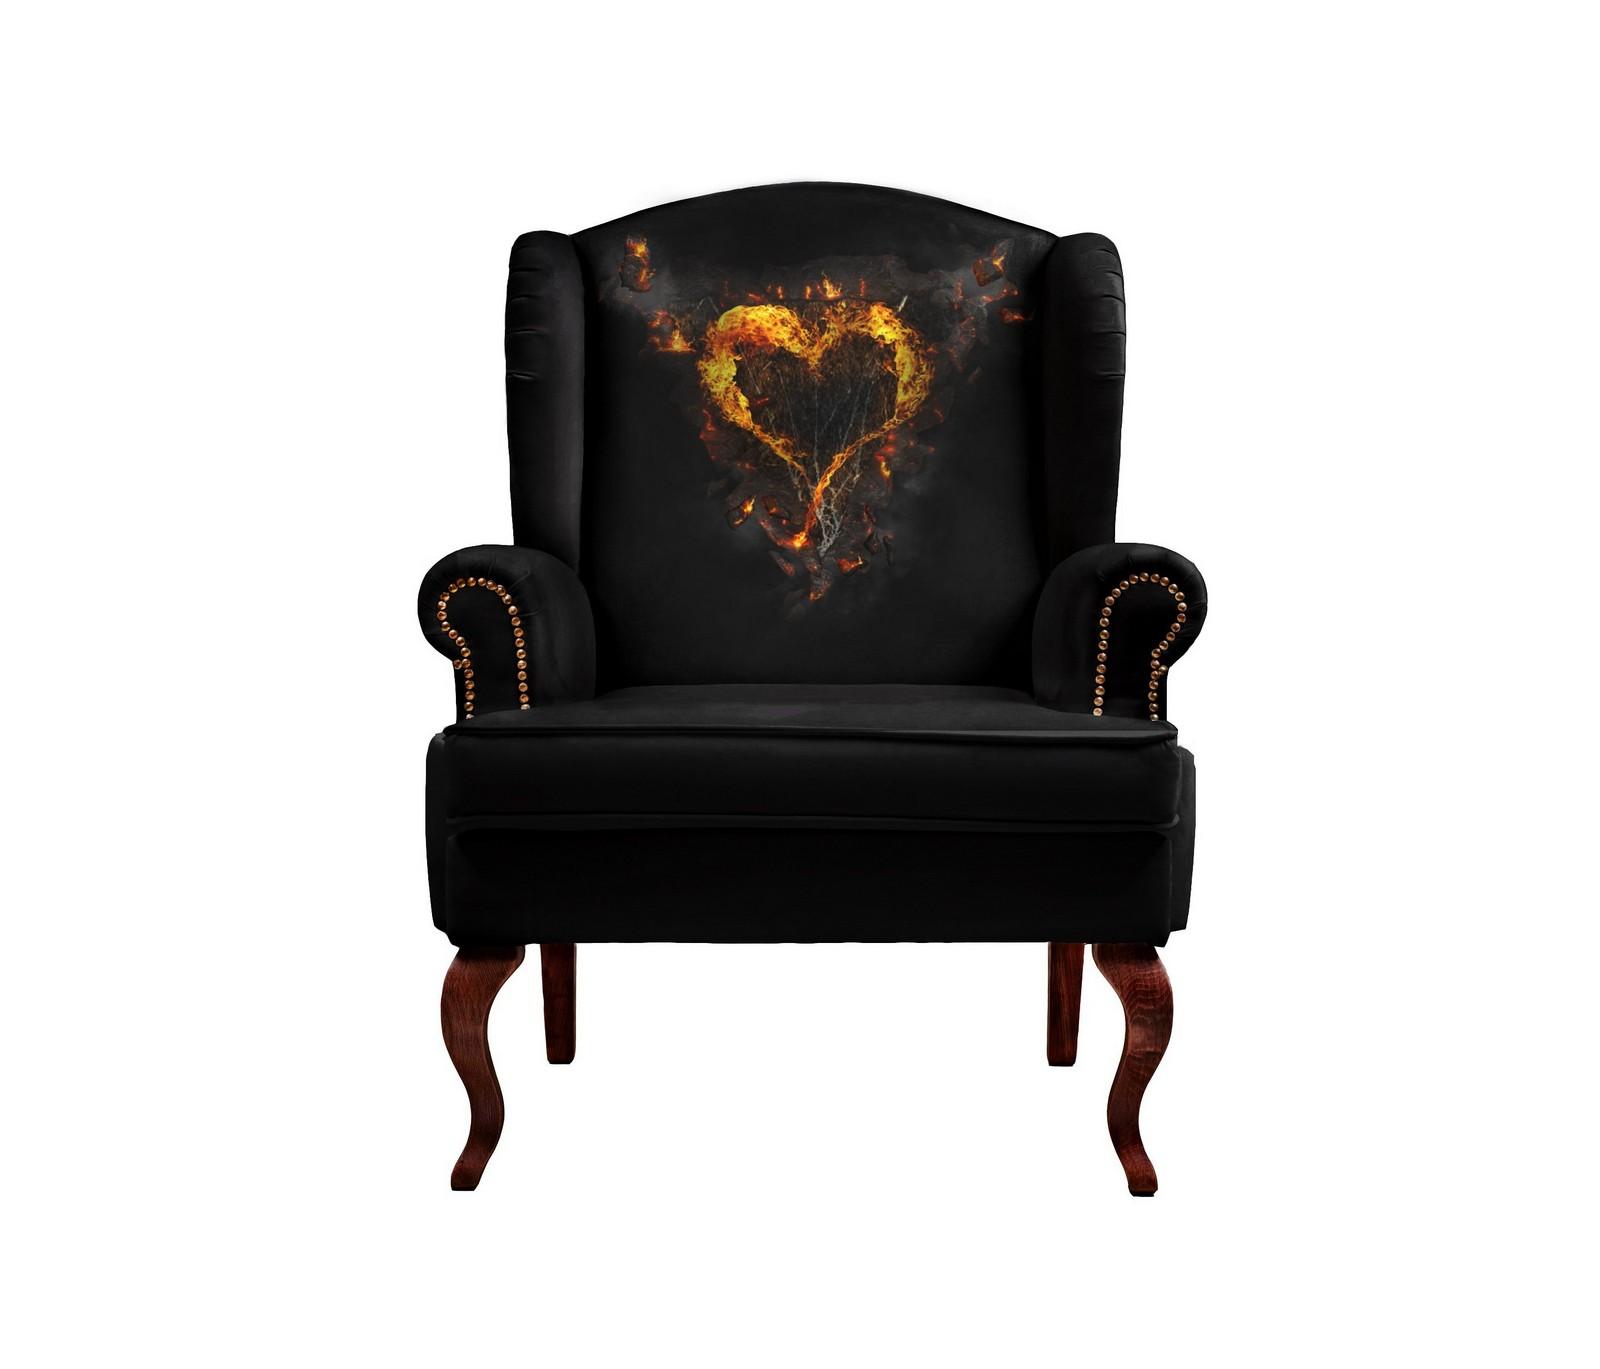 Кресло Heart&amp;StoneИнтерьерные кресла<br>Кресло с принтом португальского дизайнера Diogo Verissimo. Модель представлена в ткани микровелюр – мягкий, бархатистый материал, широко используемый в качестве обивки для мебели. Обладает целым рядом замечательных свойств: отлично пропускает воздух, отталкивает пыль и долго сохраняет изначальный цвет, не протираясь и не выцветая.&amp;lt;div&amp;gt;&amp;lt;br&amp;gt;&amp;lt;/div&amp;gt;&amp;lt;div&amp;gt;Варианты исполнения: <br>По желанию возможность выбрать ткань из других коллекций&amp;lt;/div&amp;gt;&amp;lt;div&amp;gt;&amp;lt;span style=&amp;quot;line-height: 1.78571;&amp;quot;&amp;gt;Гарантия: от производителя 1 год&amp;lt;/span&amp;gt;&amp;lt;/div&amp;gt;&amp;lt;div&amp;gt;&amp;lt;span style=&amp;quot;line-height: 1.78571;&amp;quot;&amp;gt;Сборка не требуется&amp;amp;nbsp;&amp;lt;/span&amp;gt;&amp;lt;/div&amp;gt;&amp;lt;div&amp;gt;&amp;lt;span style=&amp;quot;line-height: 1.78571;&amp;quot;&amp;gt;Материалы: береза, текстиль.&amp;lt;/span&amp;gt;&amp;lt;br&amp;gt;&amp;lt;/div&amp;gt;<br><br>Material: Текстиль<br>Width см: 90<br>Depth см: 80<br>Height см: 110